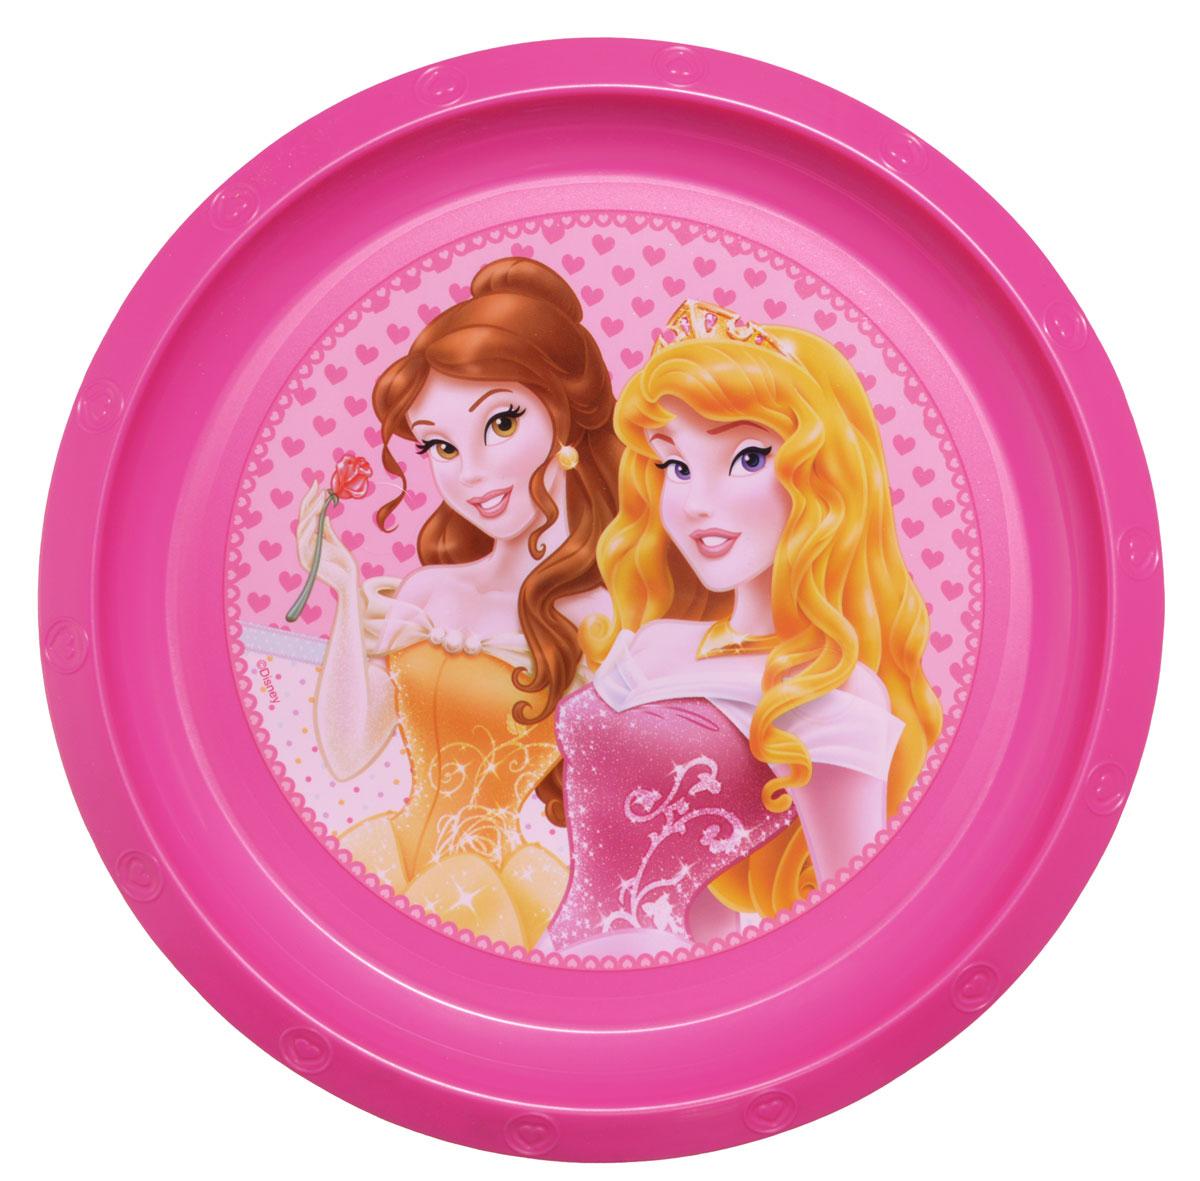 """Яркая тарелка Disney """"Принцессы"""" идеально подойдет для кормления малыша и самостоятельного приема им пищи. Тарелка выполнена из безопасного полипропилена, дно оформлено высококачественным изображением принцесс из диснеевских сказок. Такой подарок станет не только приятным, но и практичным сувениром, добавит ярких эмоций вашему ребенку!  Не предназначено для использования в СВЧ-печи и посудомоечной машине."""